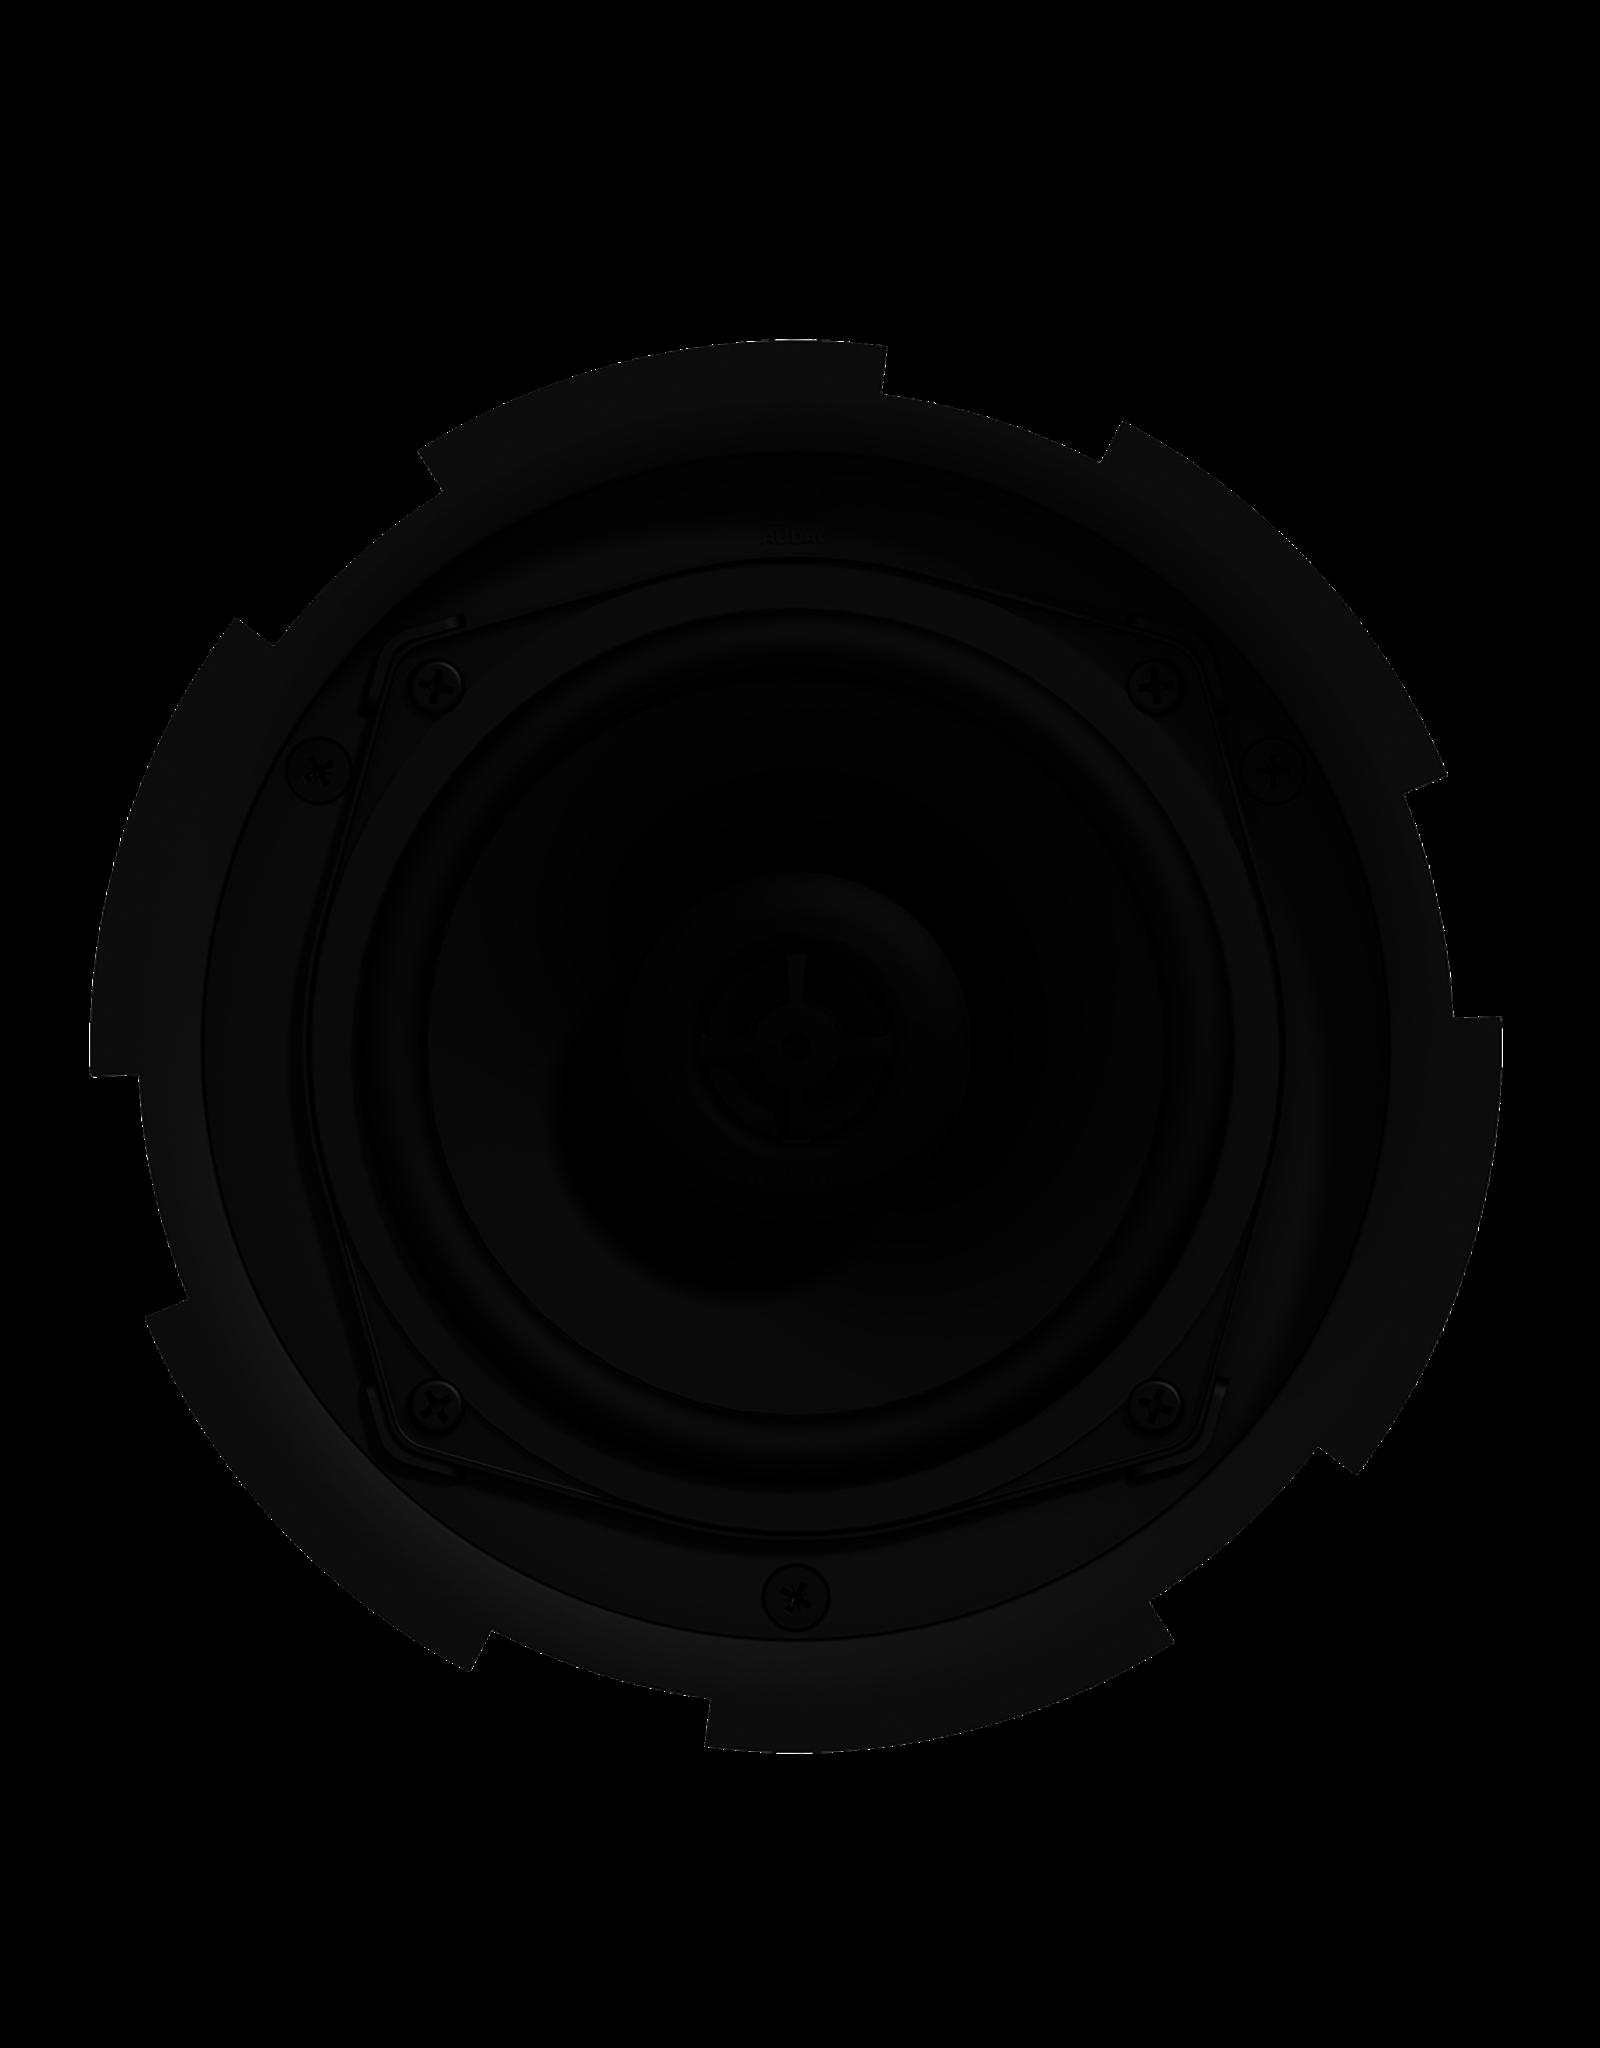 """Audac QuickFit™ 2-way 5 1/4"""" ceiling speaker with TwistFix™ grill White version, 8? & 24 Watt @ 100V"""